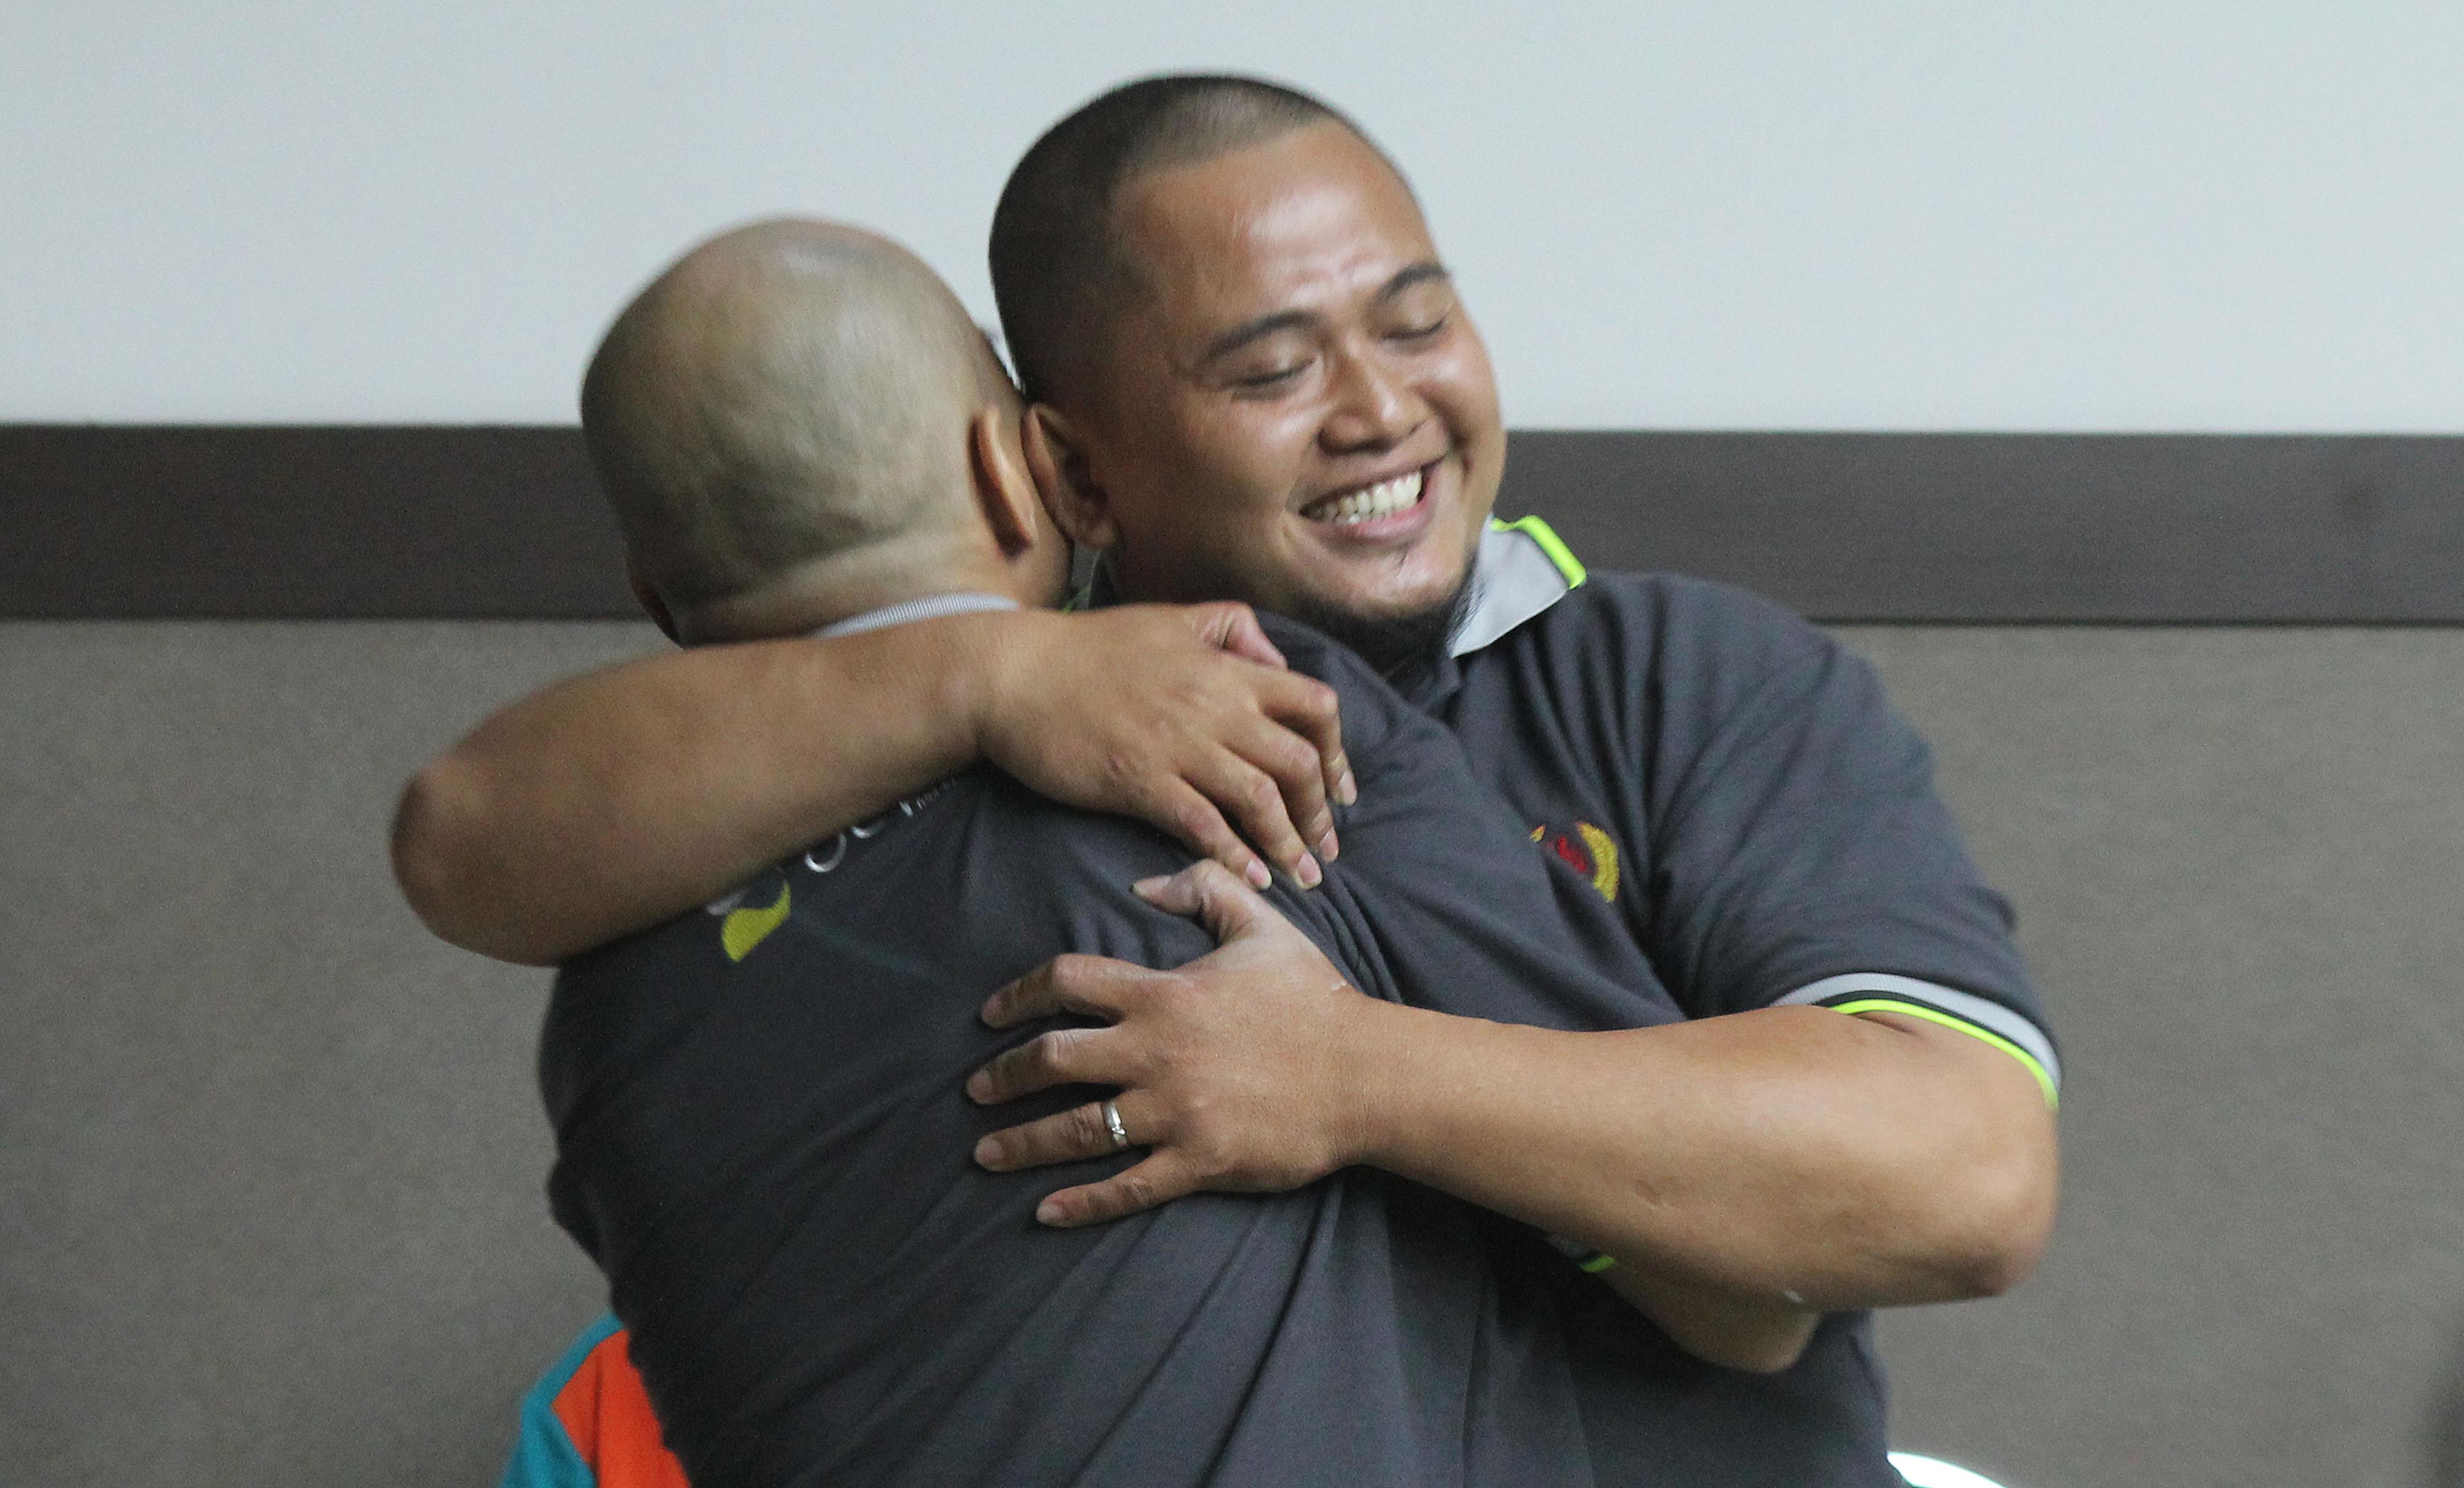 Pebilyar Kota Depok, Hendra L. Chaniago (kanan) memeluk rekan satu timnya, Afrizal (kiri) setelah menjuarai nomor Double English PORDA Jabar XIII-2018 di Darmawan Park, Sentul, Bogor, Minggu (7/10) malam. Hendra bersama Afrizal berhasil mengalahkan Dhendi-Agus dari Kab. Cirebon pada partai final. KONI KOTA DEPOK/Faruqi/2018